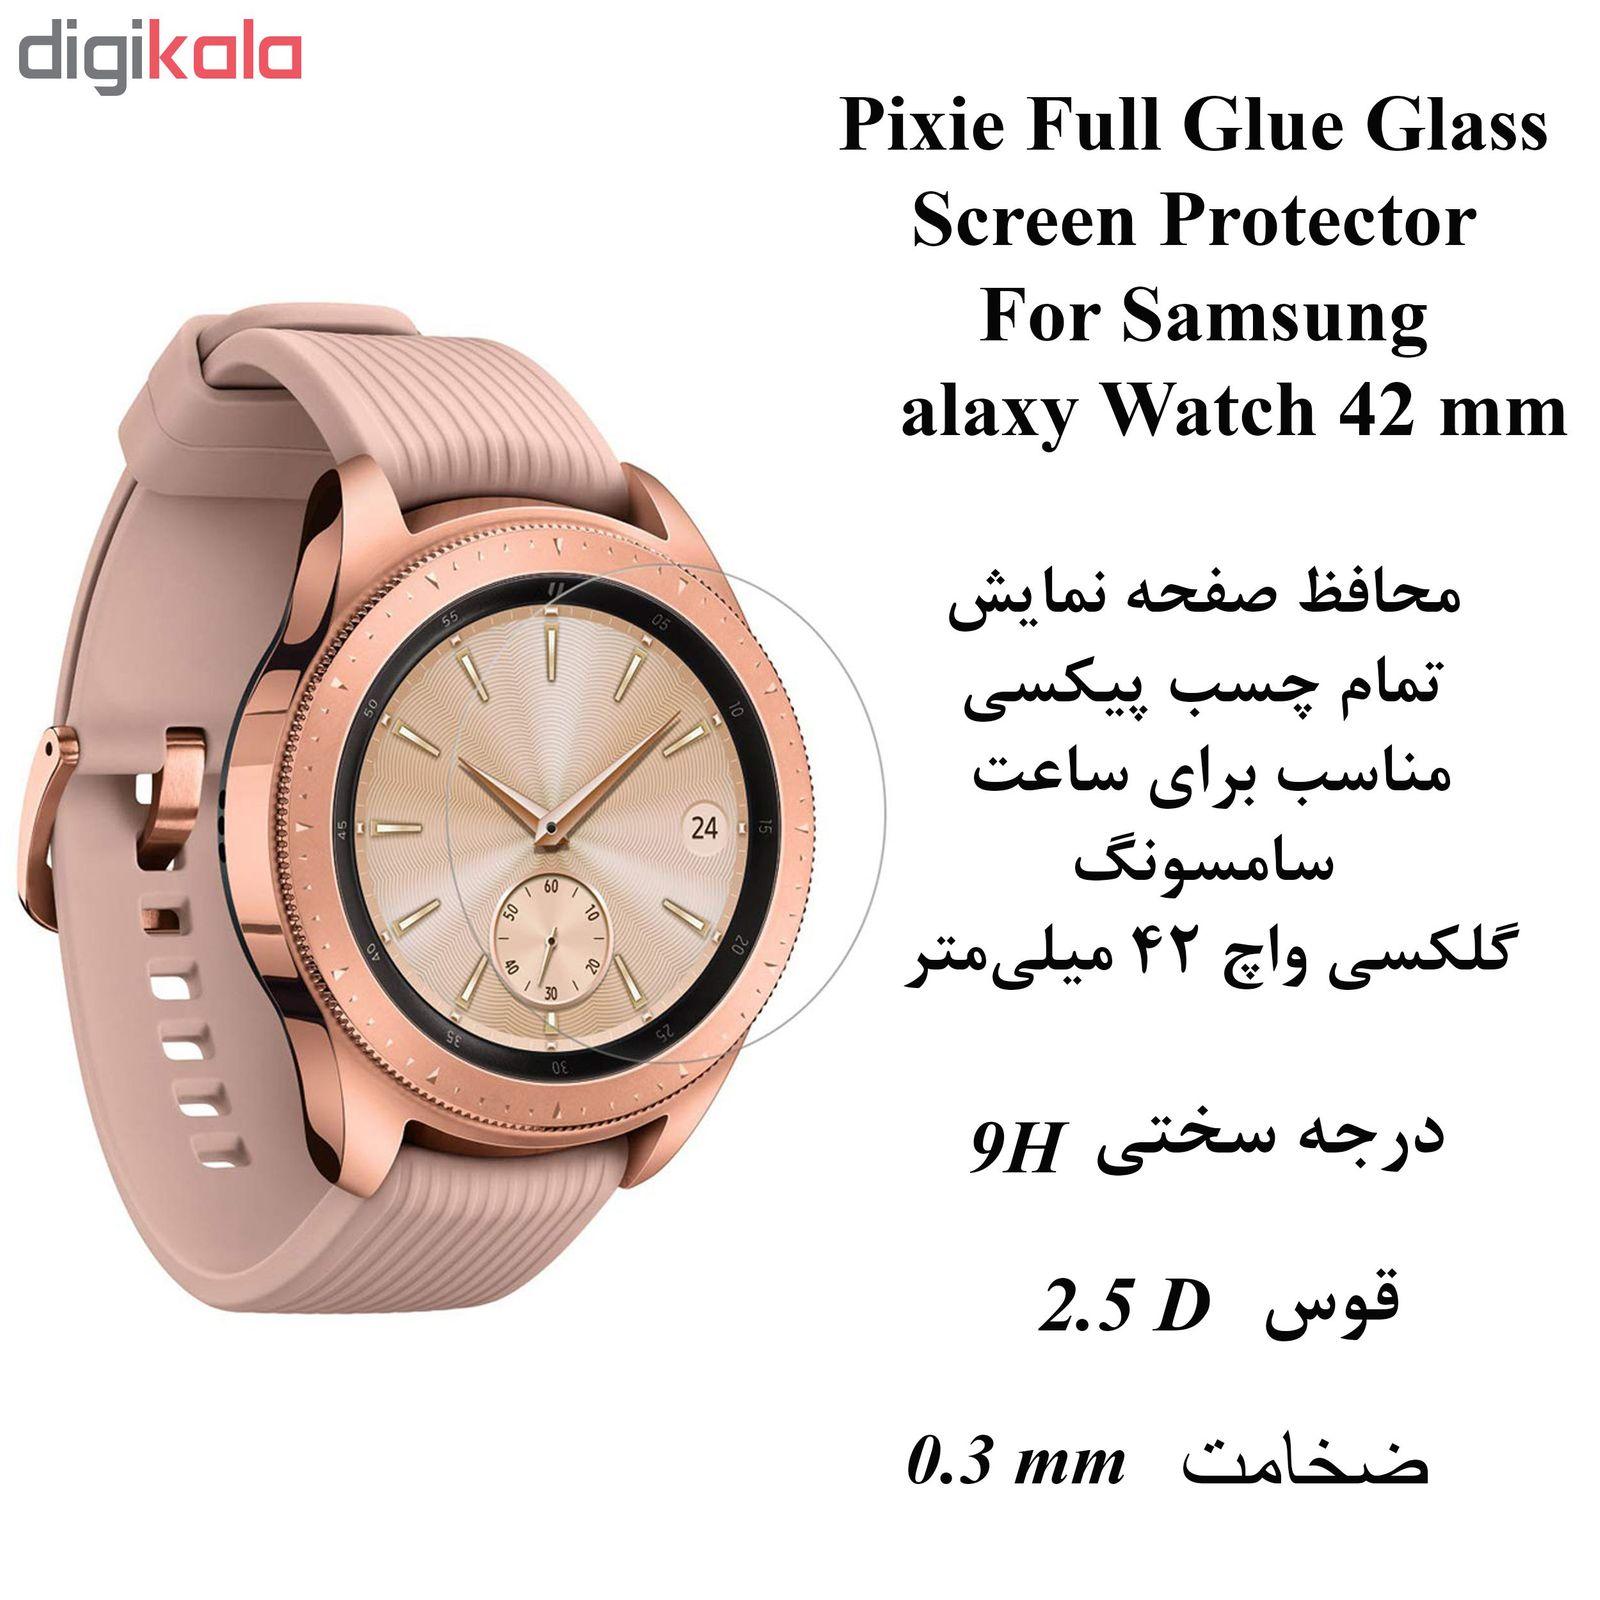 محافظ صفحه نمایش پیکسی مدل Treasure Trove مناسب برای ساعت هوشمند سامسونگ مدل Galaxy Watch 42mm main 1 3